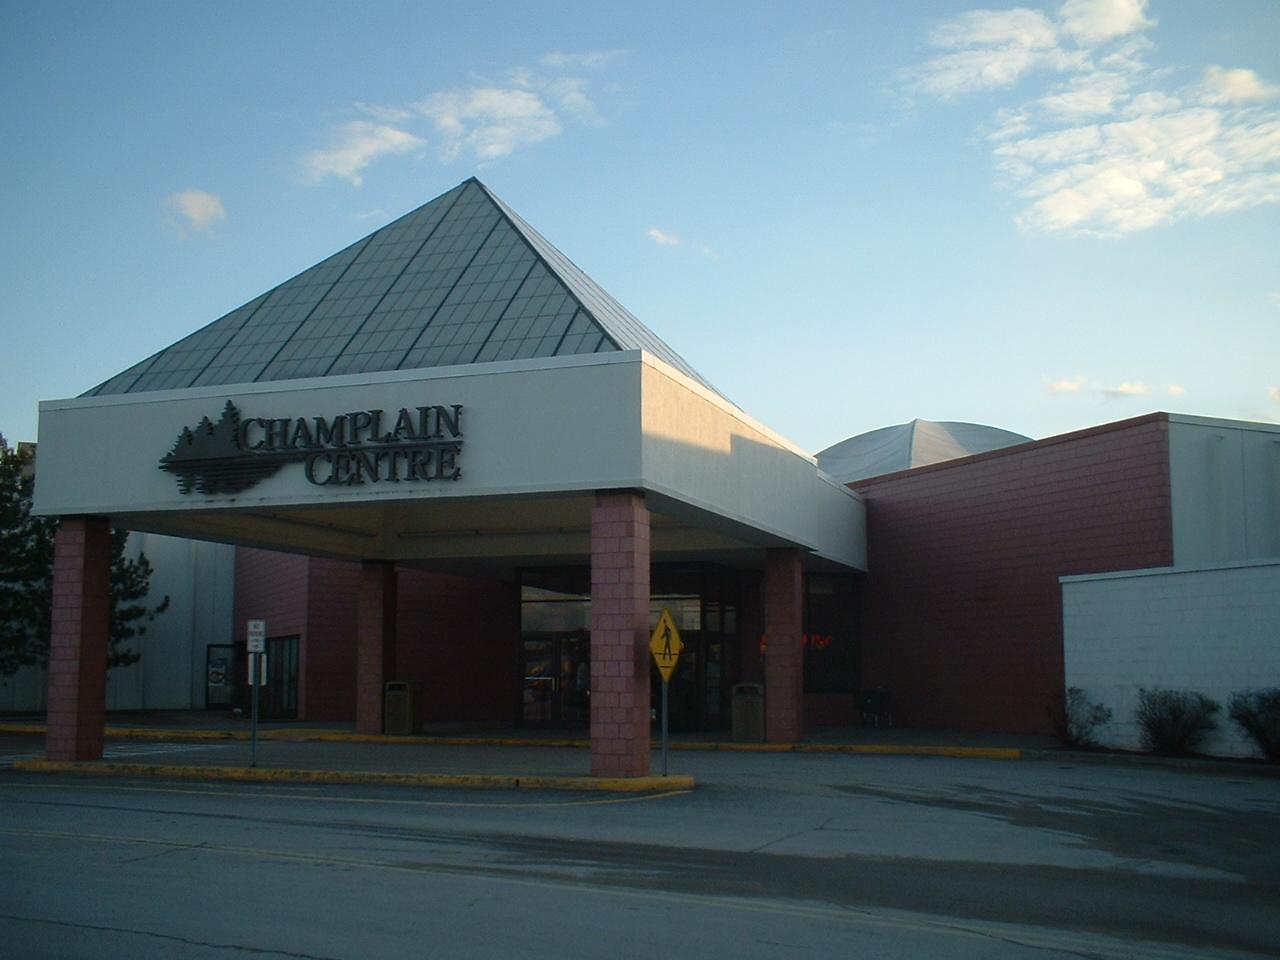 Champlain Center Of Natural Health Sheldburne Vt